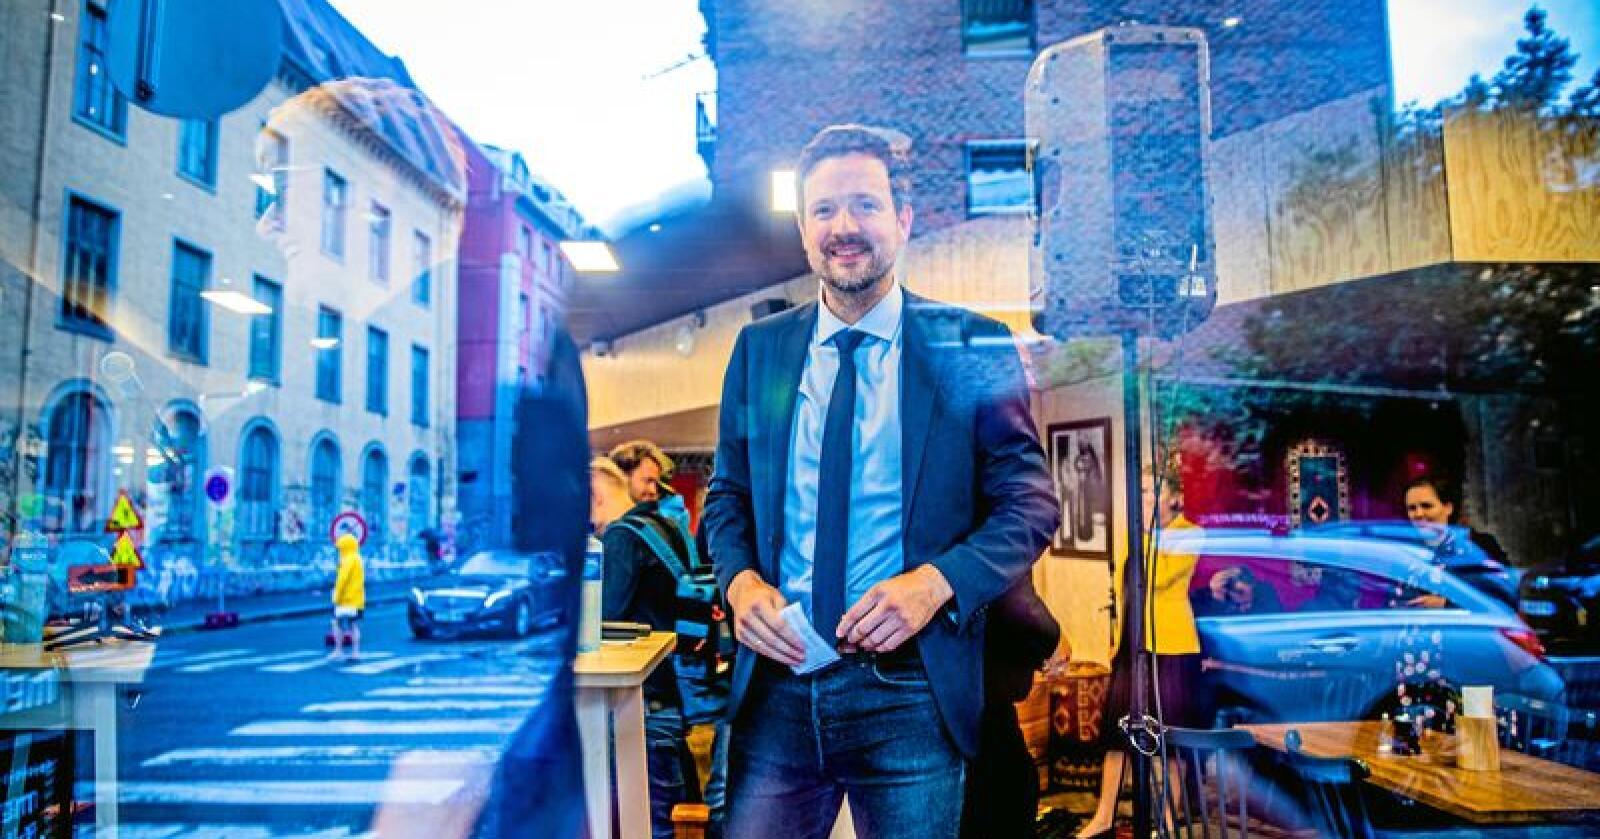 Utviklingsminister Dag Inge Ulstein. Foto: Stian Lysberg Solum / NTB Scanpix